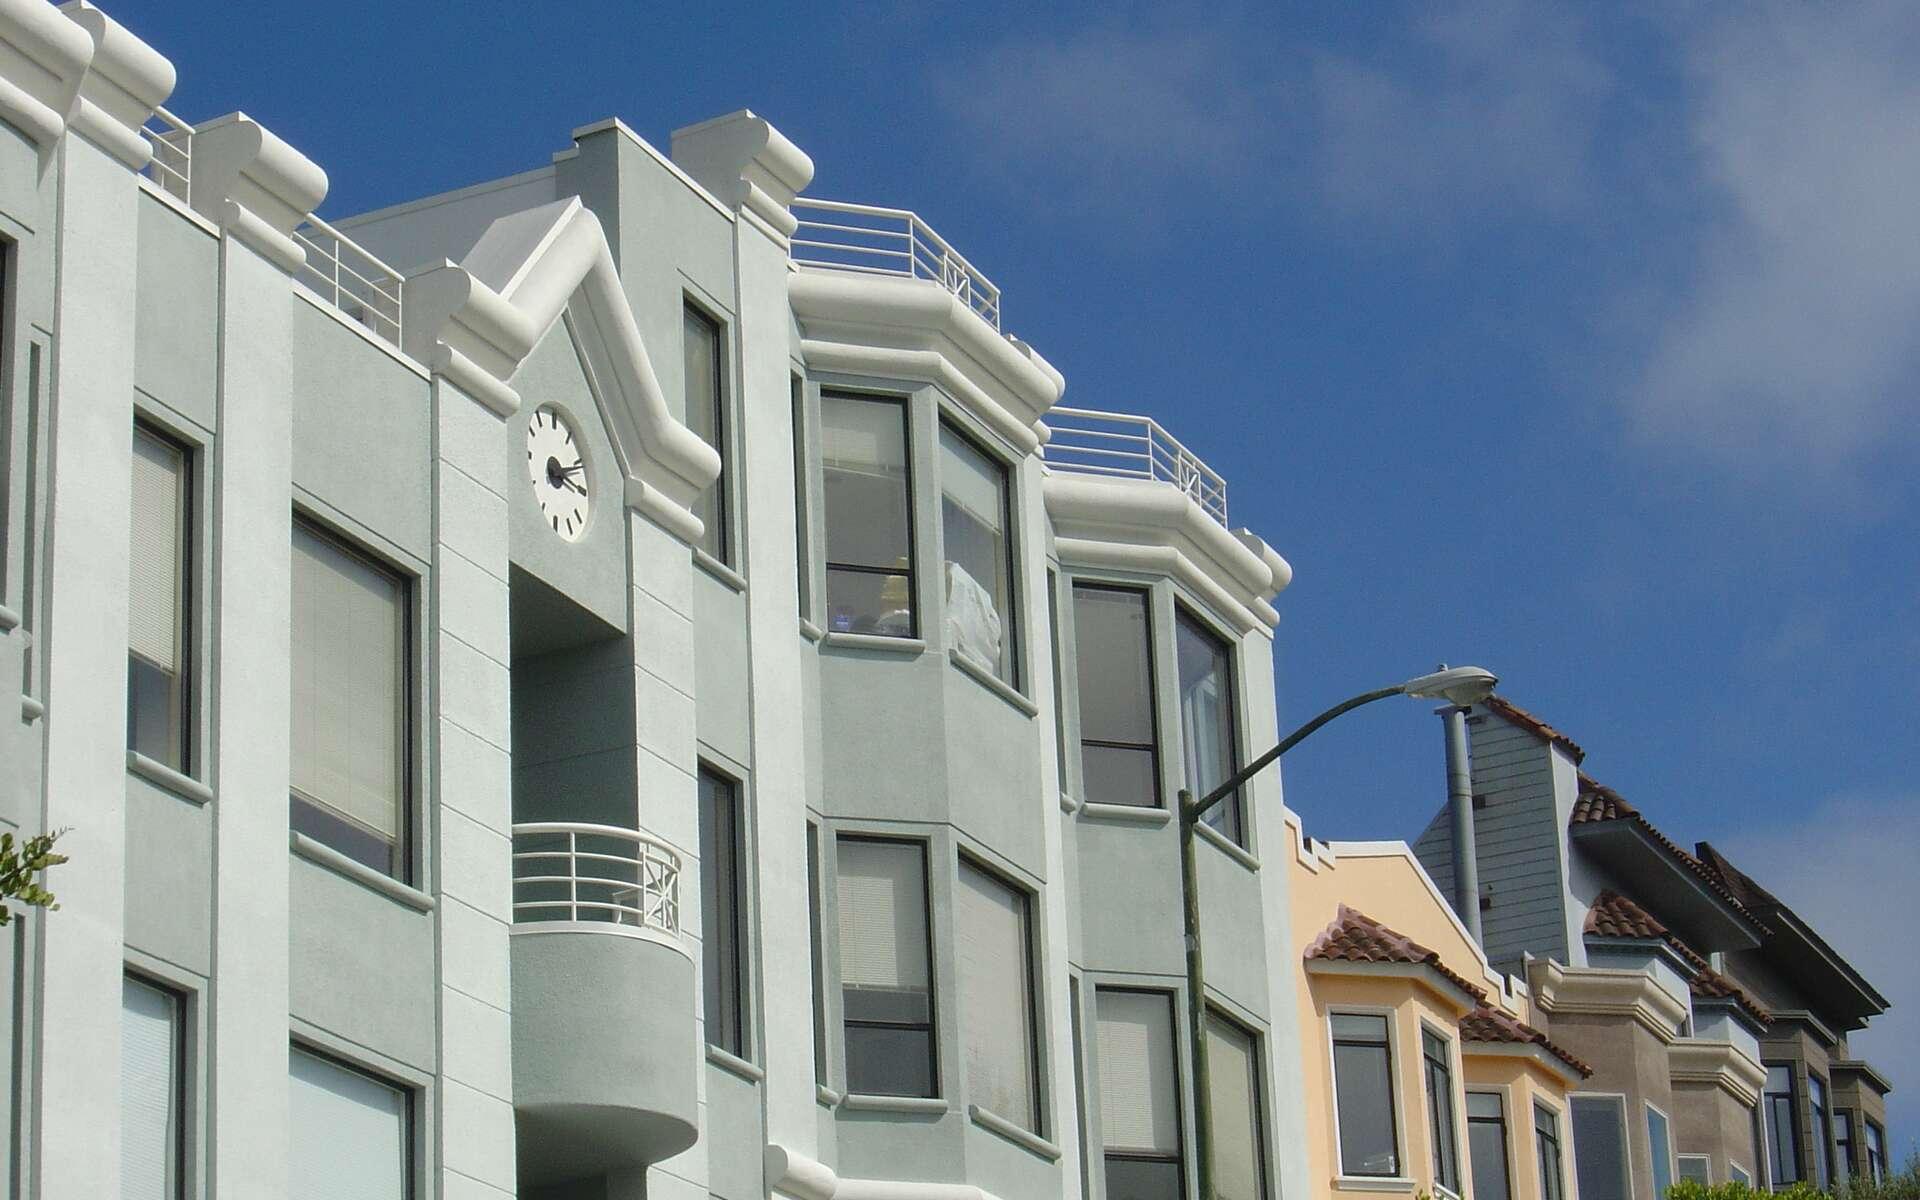 Le bow-window est fréquemment utilisé aux États-Unis comme ici, à San Francisco. © Infratec, CC BY-SA 3.0, Wikimedia Commons